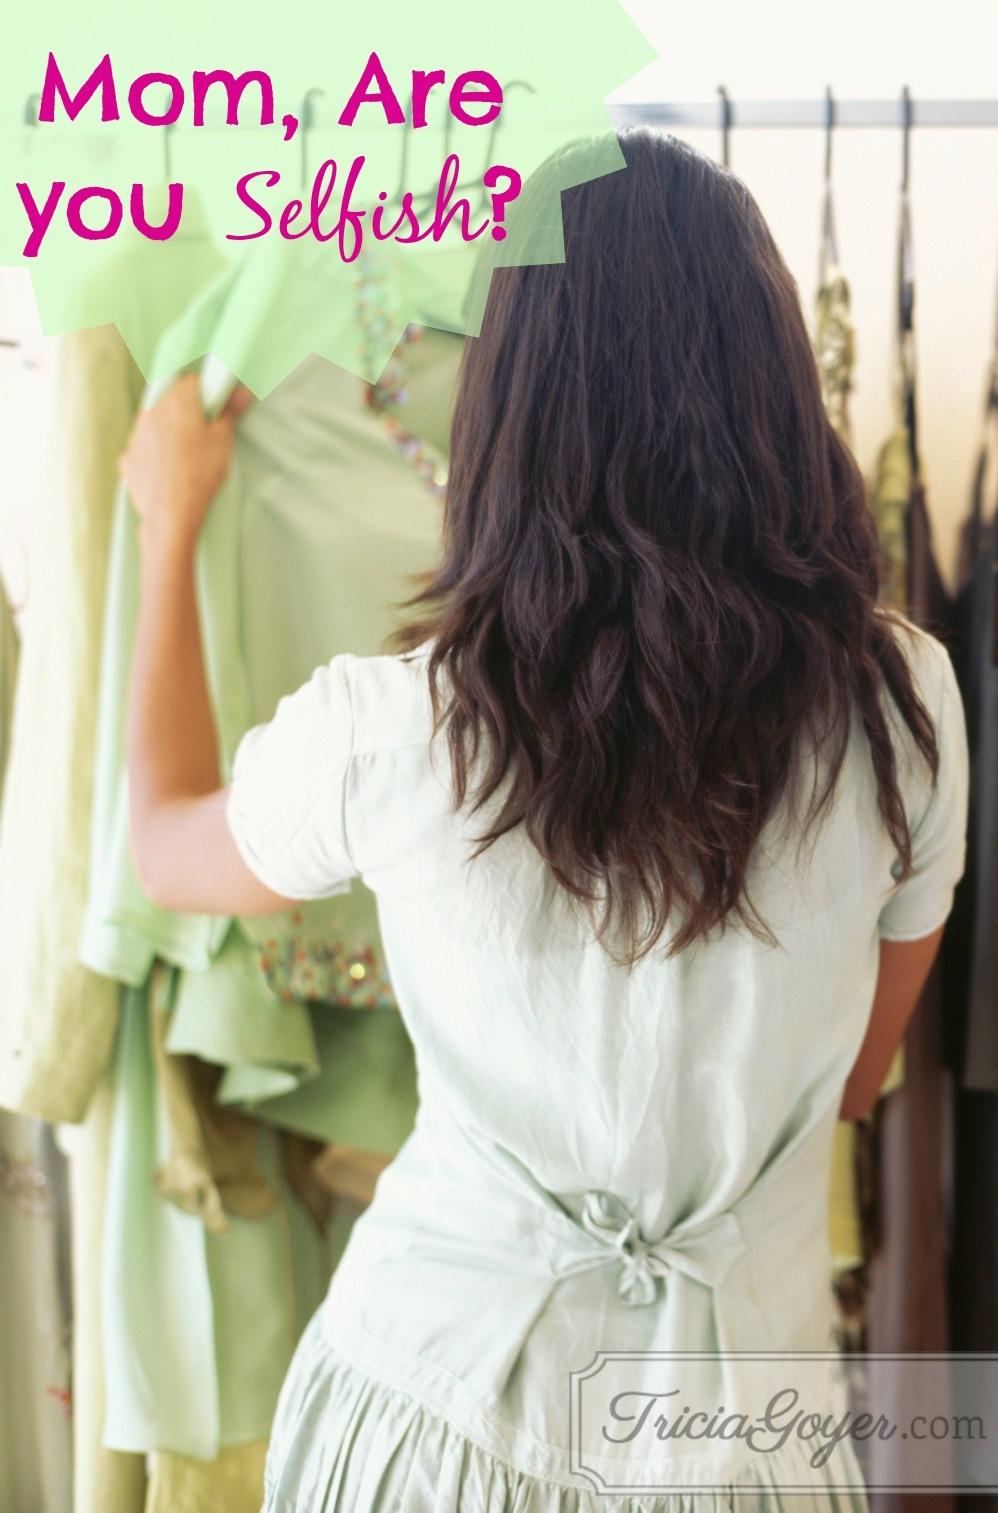 clothesrack